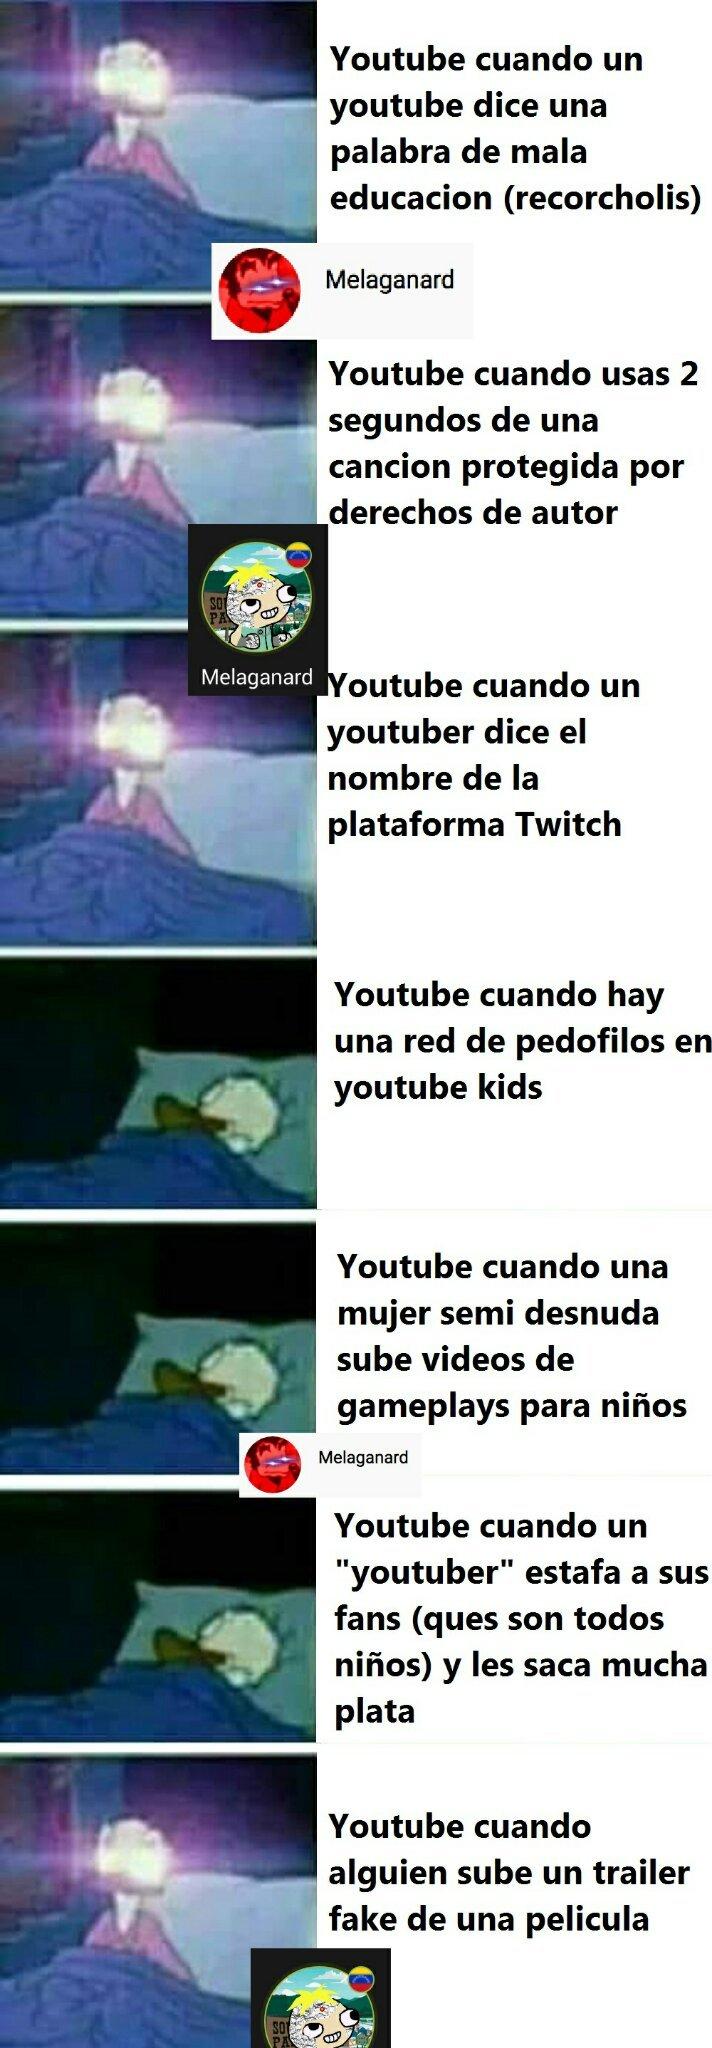 El meme es largo